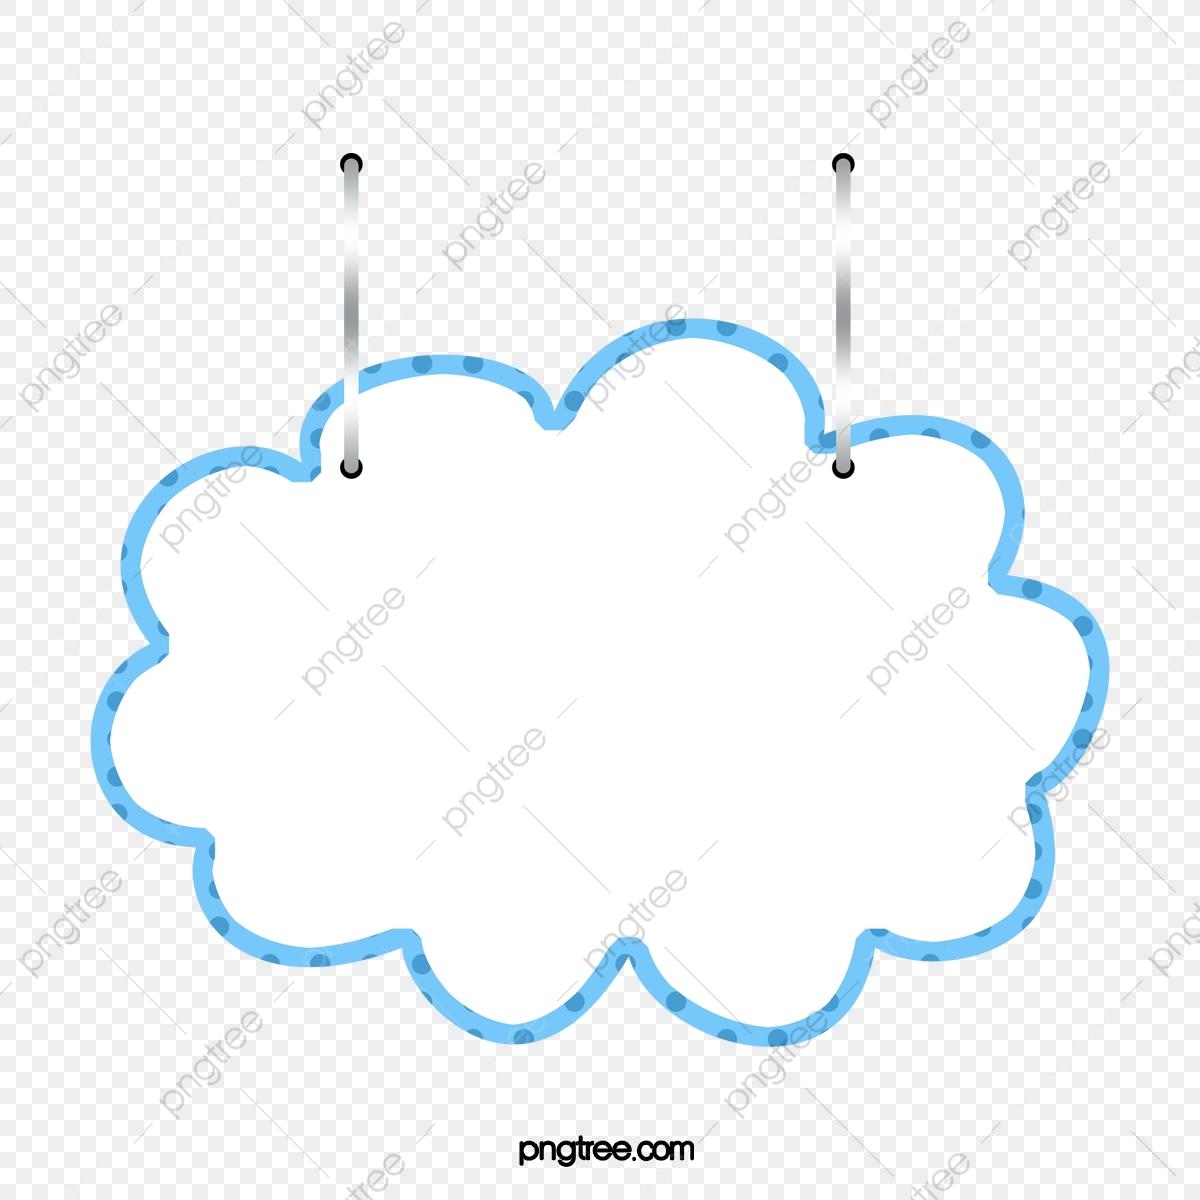 Hanging clouds suspension announcement. Label clipart cloud